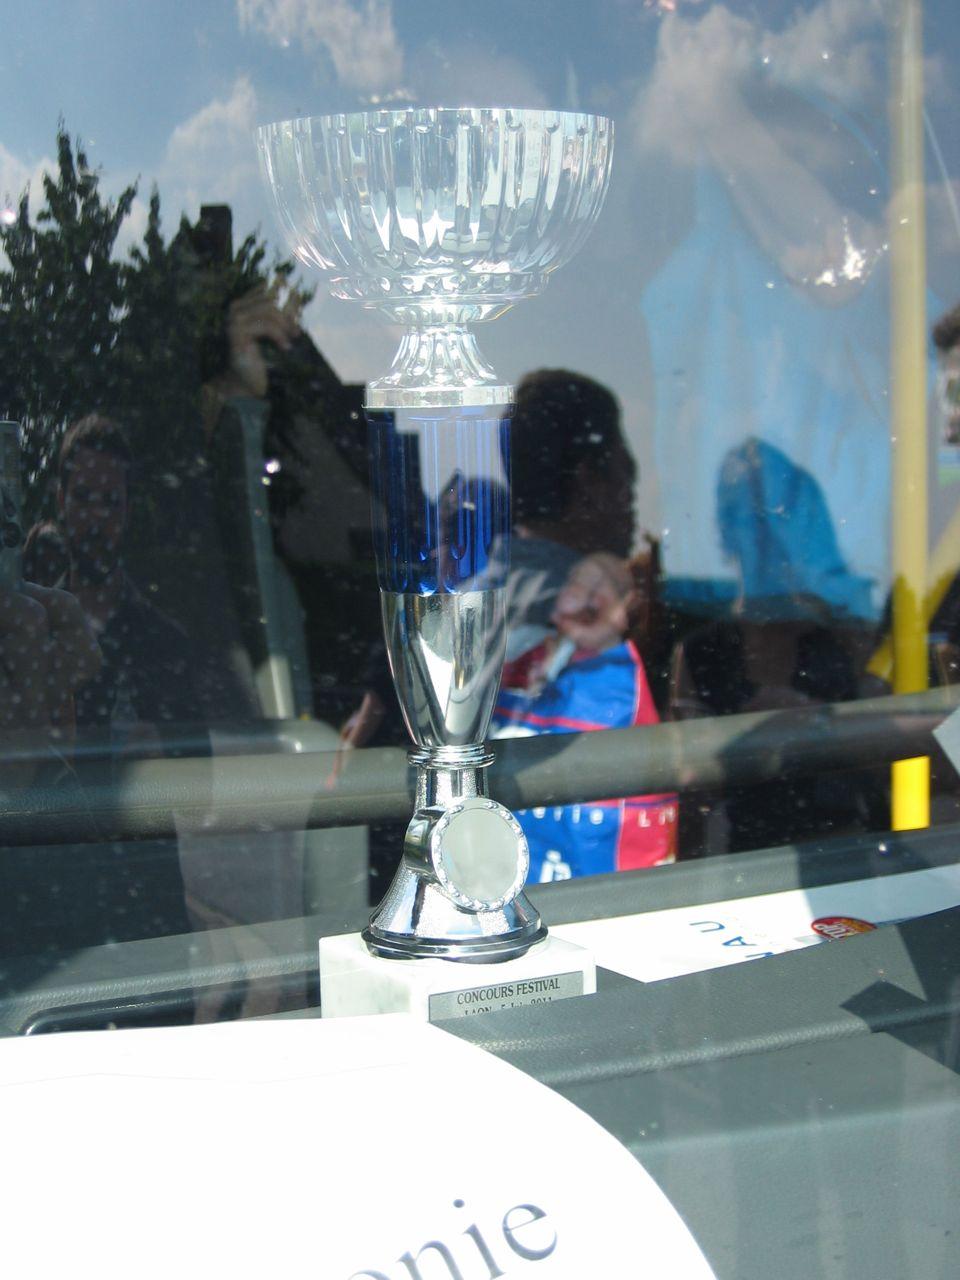 OHTG-concours-Laon-Juin2011-26